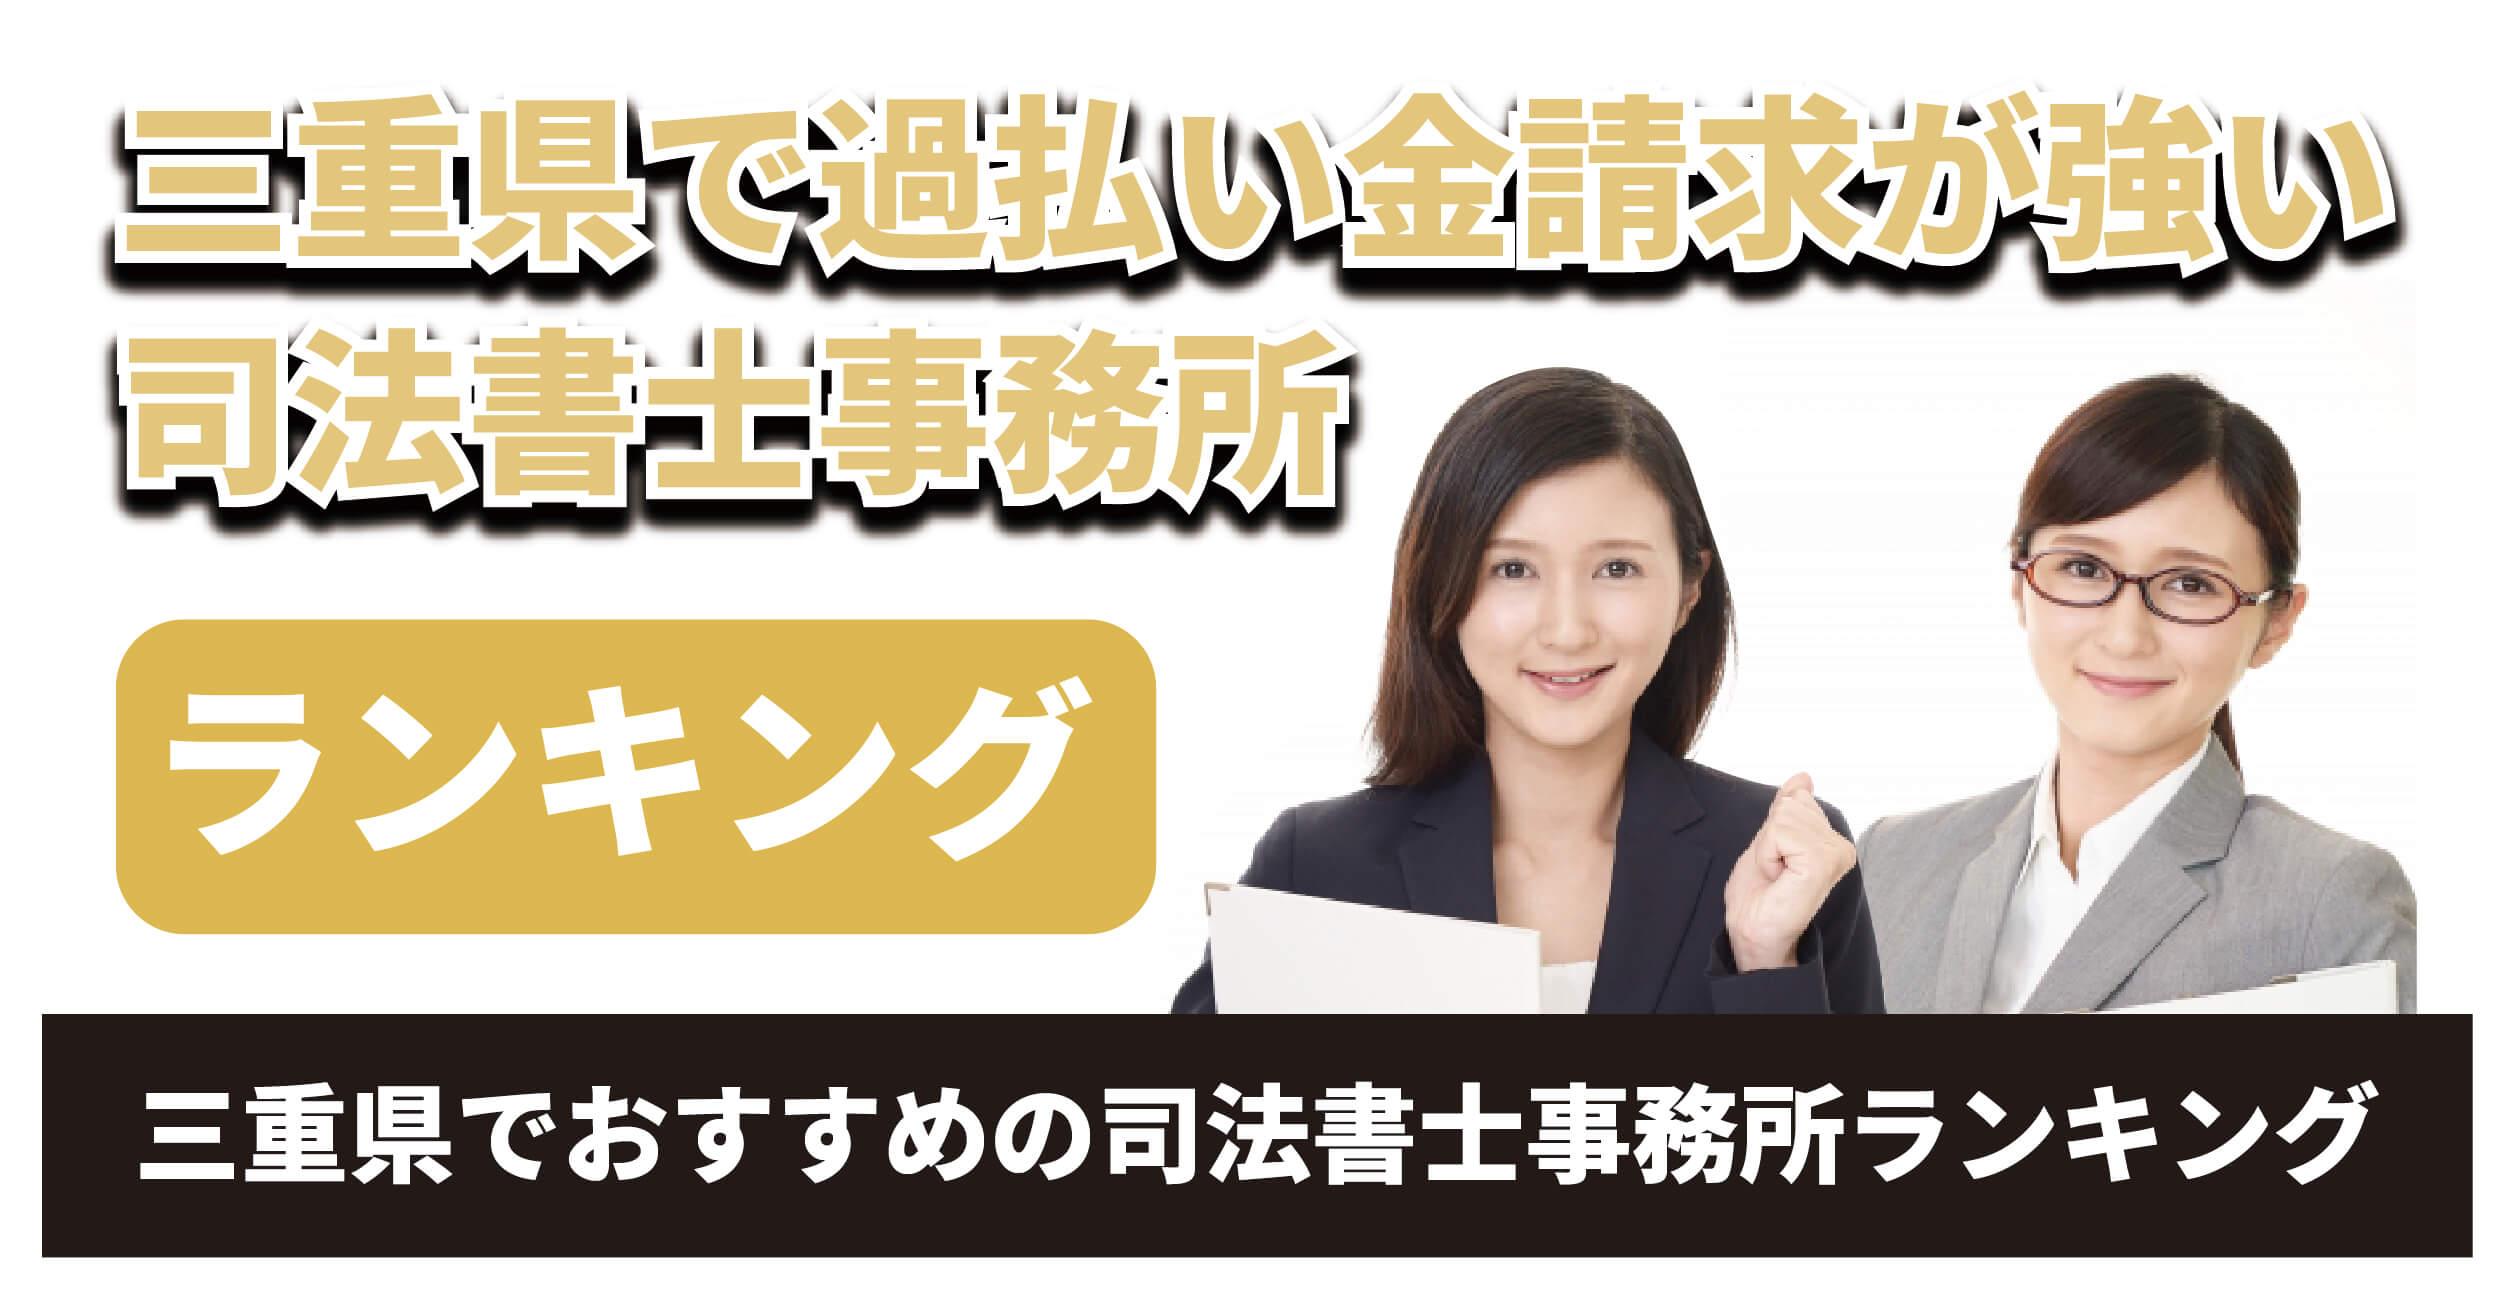 三重県で過払い金請求が強い司法書士は?